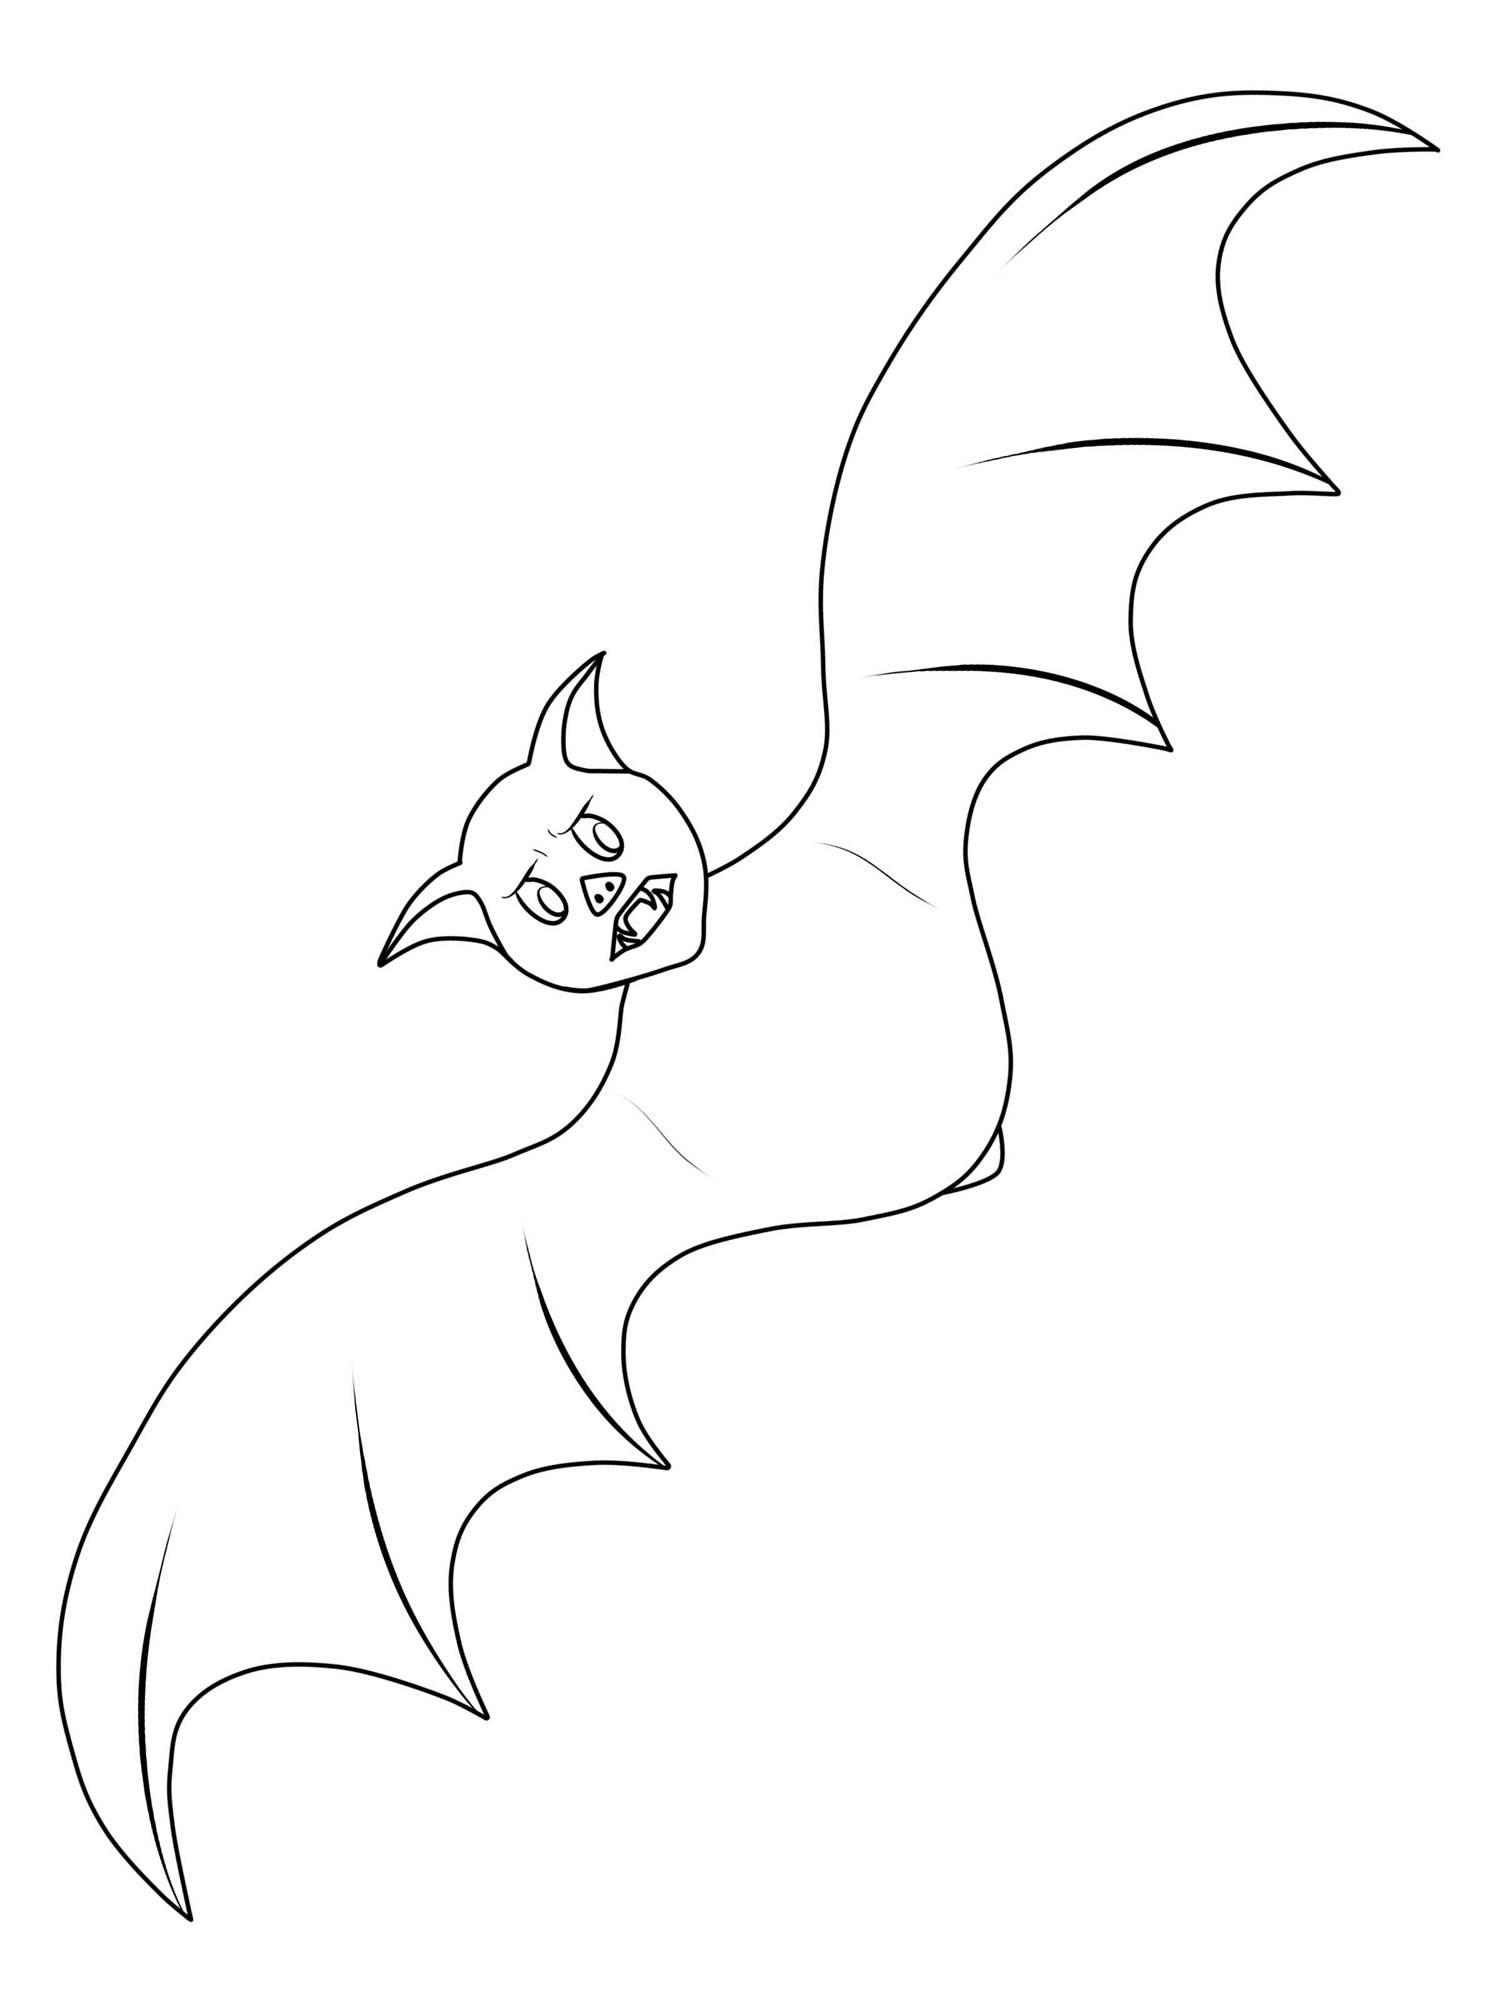 Ausmalbild Halloween: Fledermaus Ausmalen Kostenlos Ausdrucken bestimmt für Fledermaus Zum Ausmalen